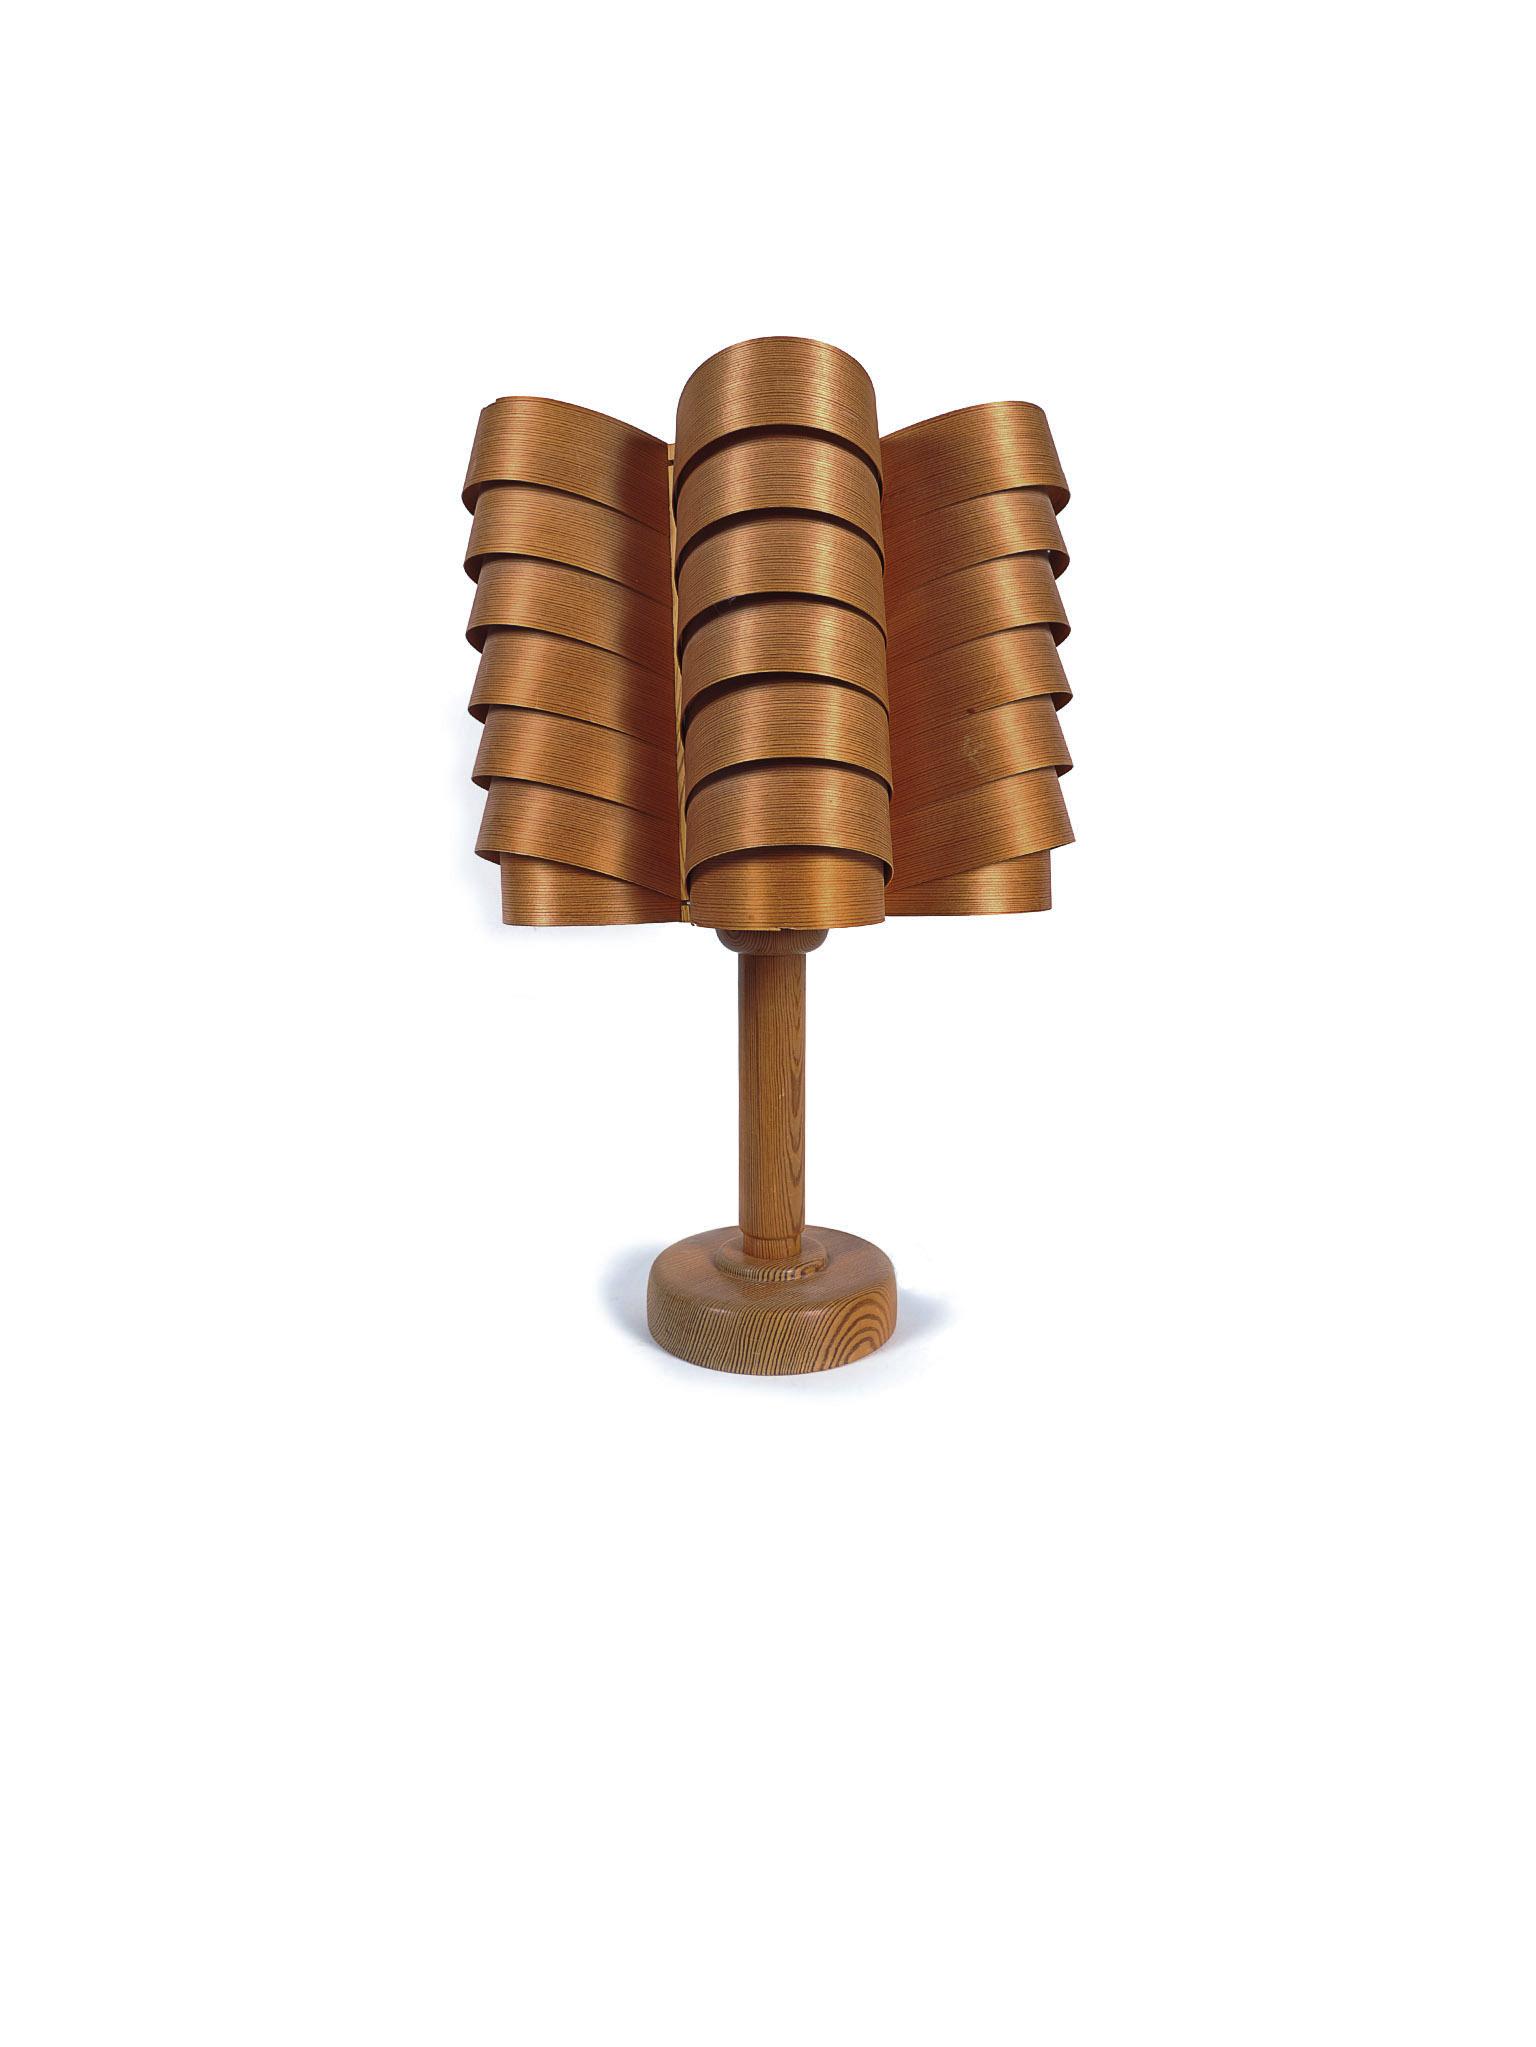 RARE HANS-AGNE JAKOBSSON PINE LAMP